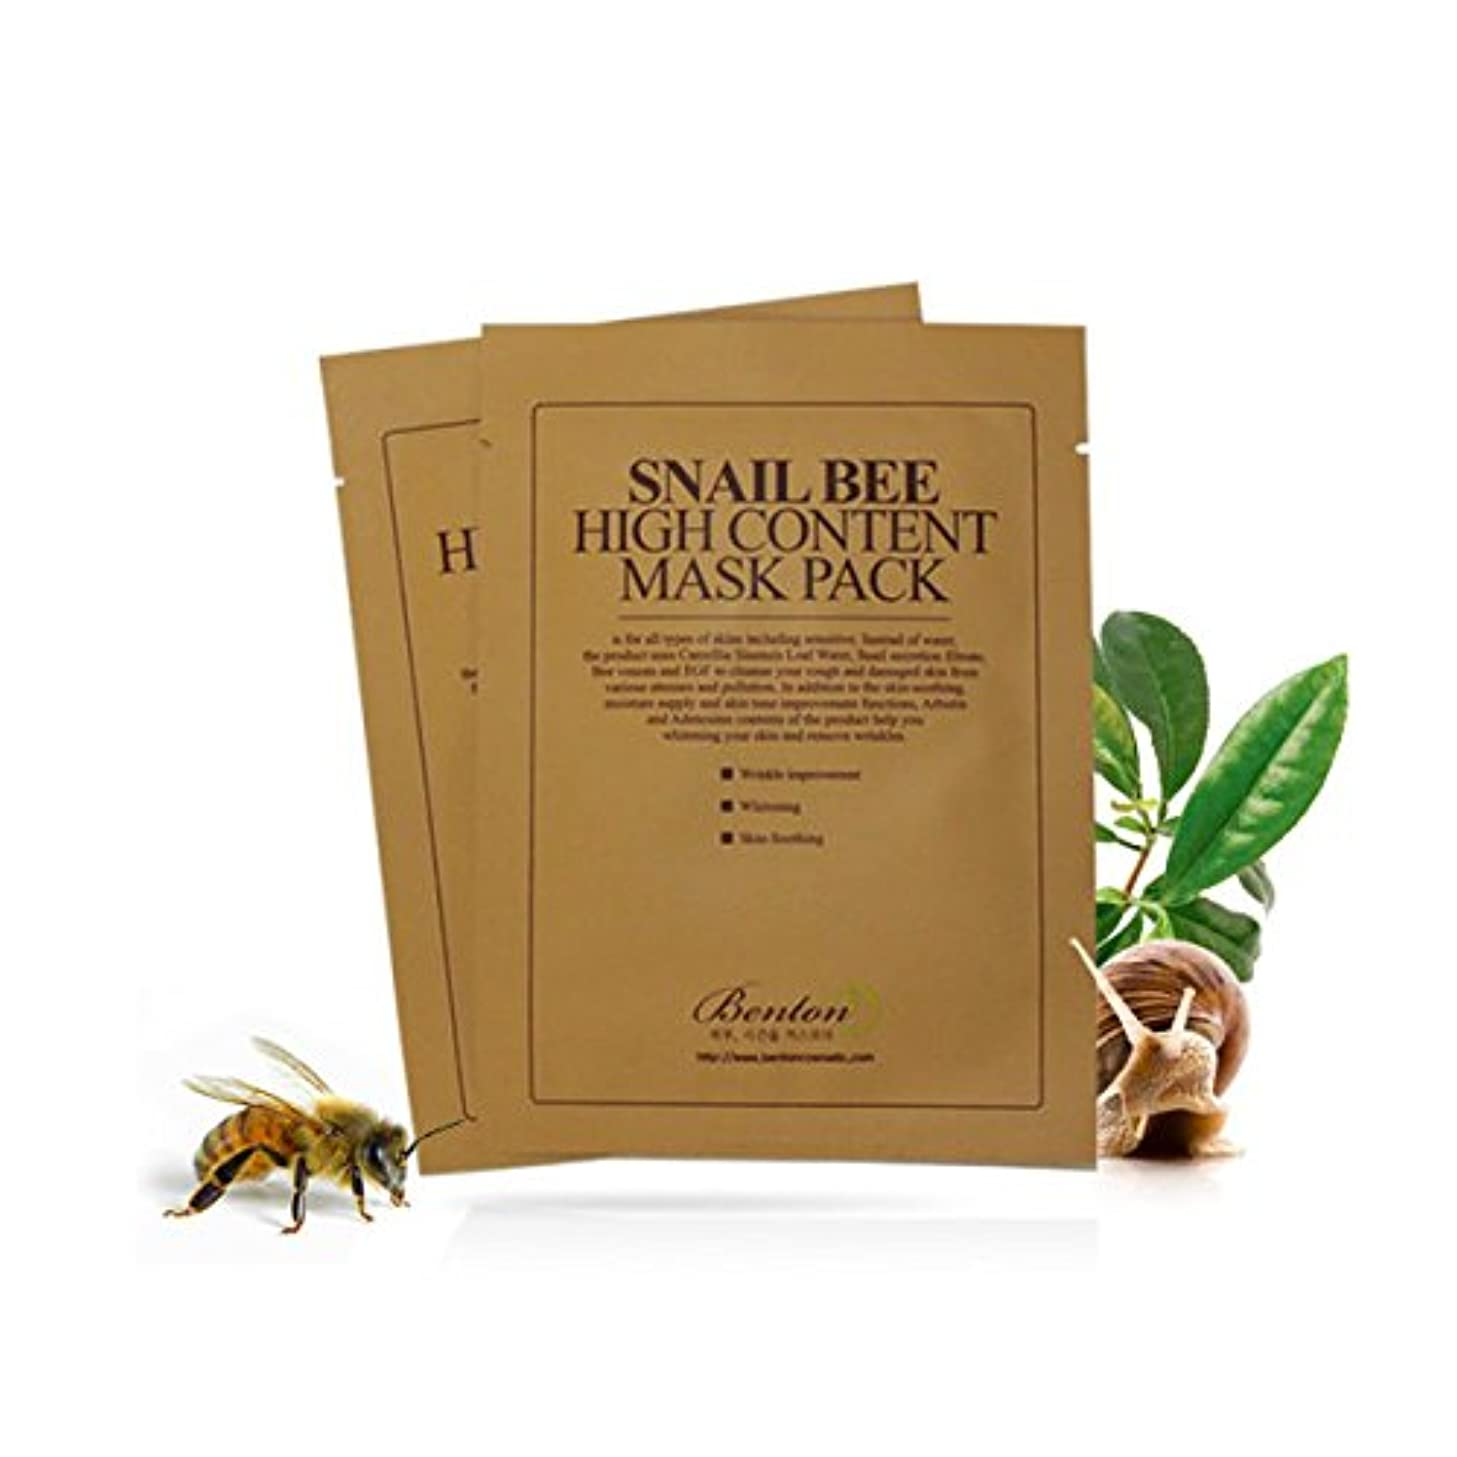 対応世界グリル[ベントン] BENTON カタツムリ蜂の高いコンテンツ?マスクパック Snail Bee High Content Mask Pack Sheet 10 Pcs [並行輸入品]